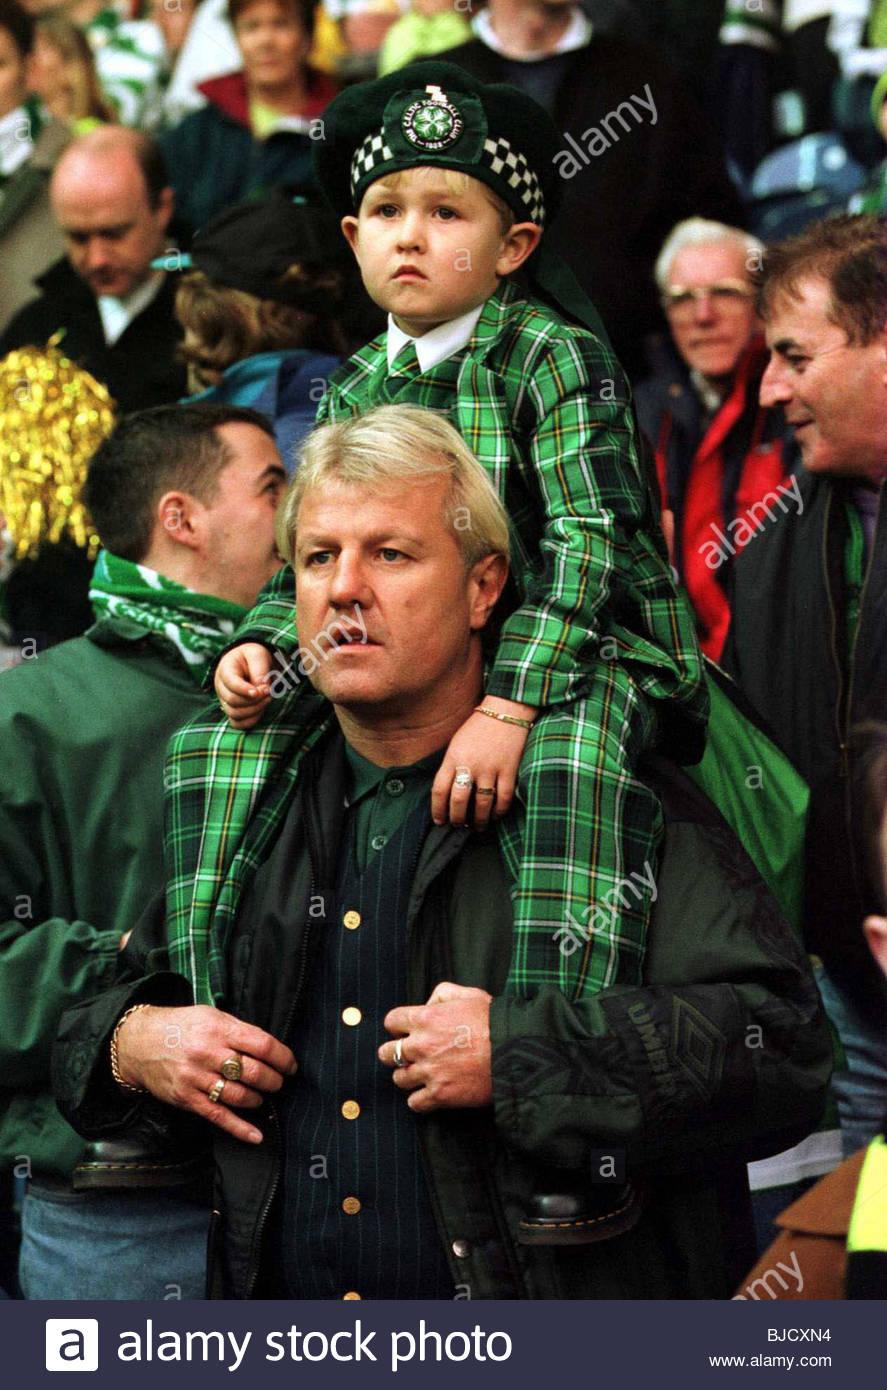 SEASON 1998/1999 Celtic Fans - Stock Image